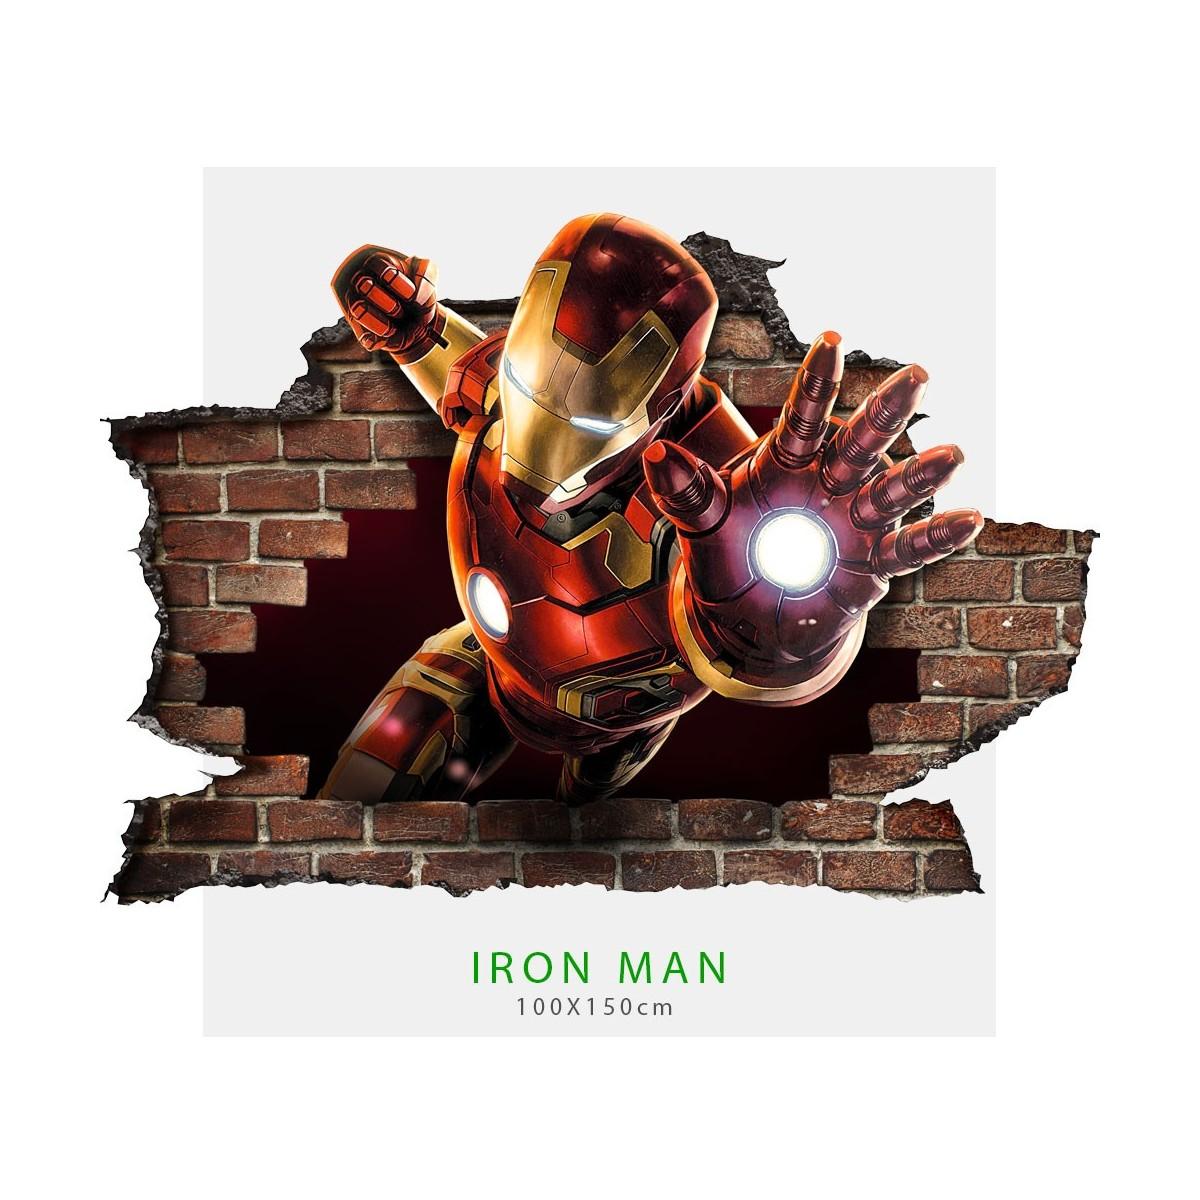 Colla Per Attaccare Quadri adesivo per parete 3d iron man wall sticker cameretta bimbi